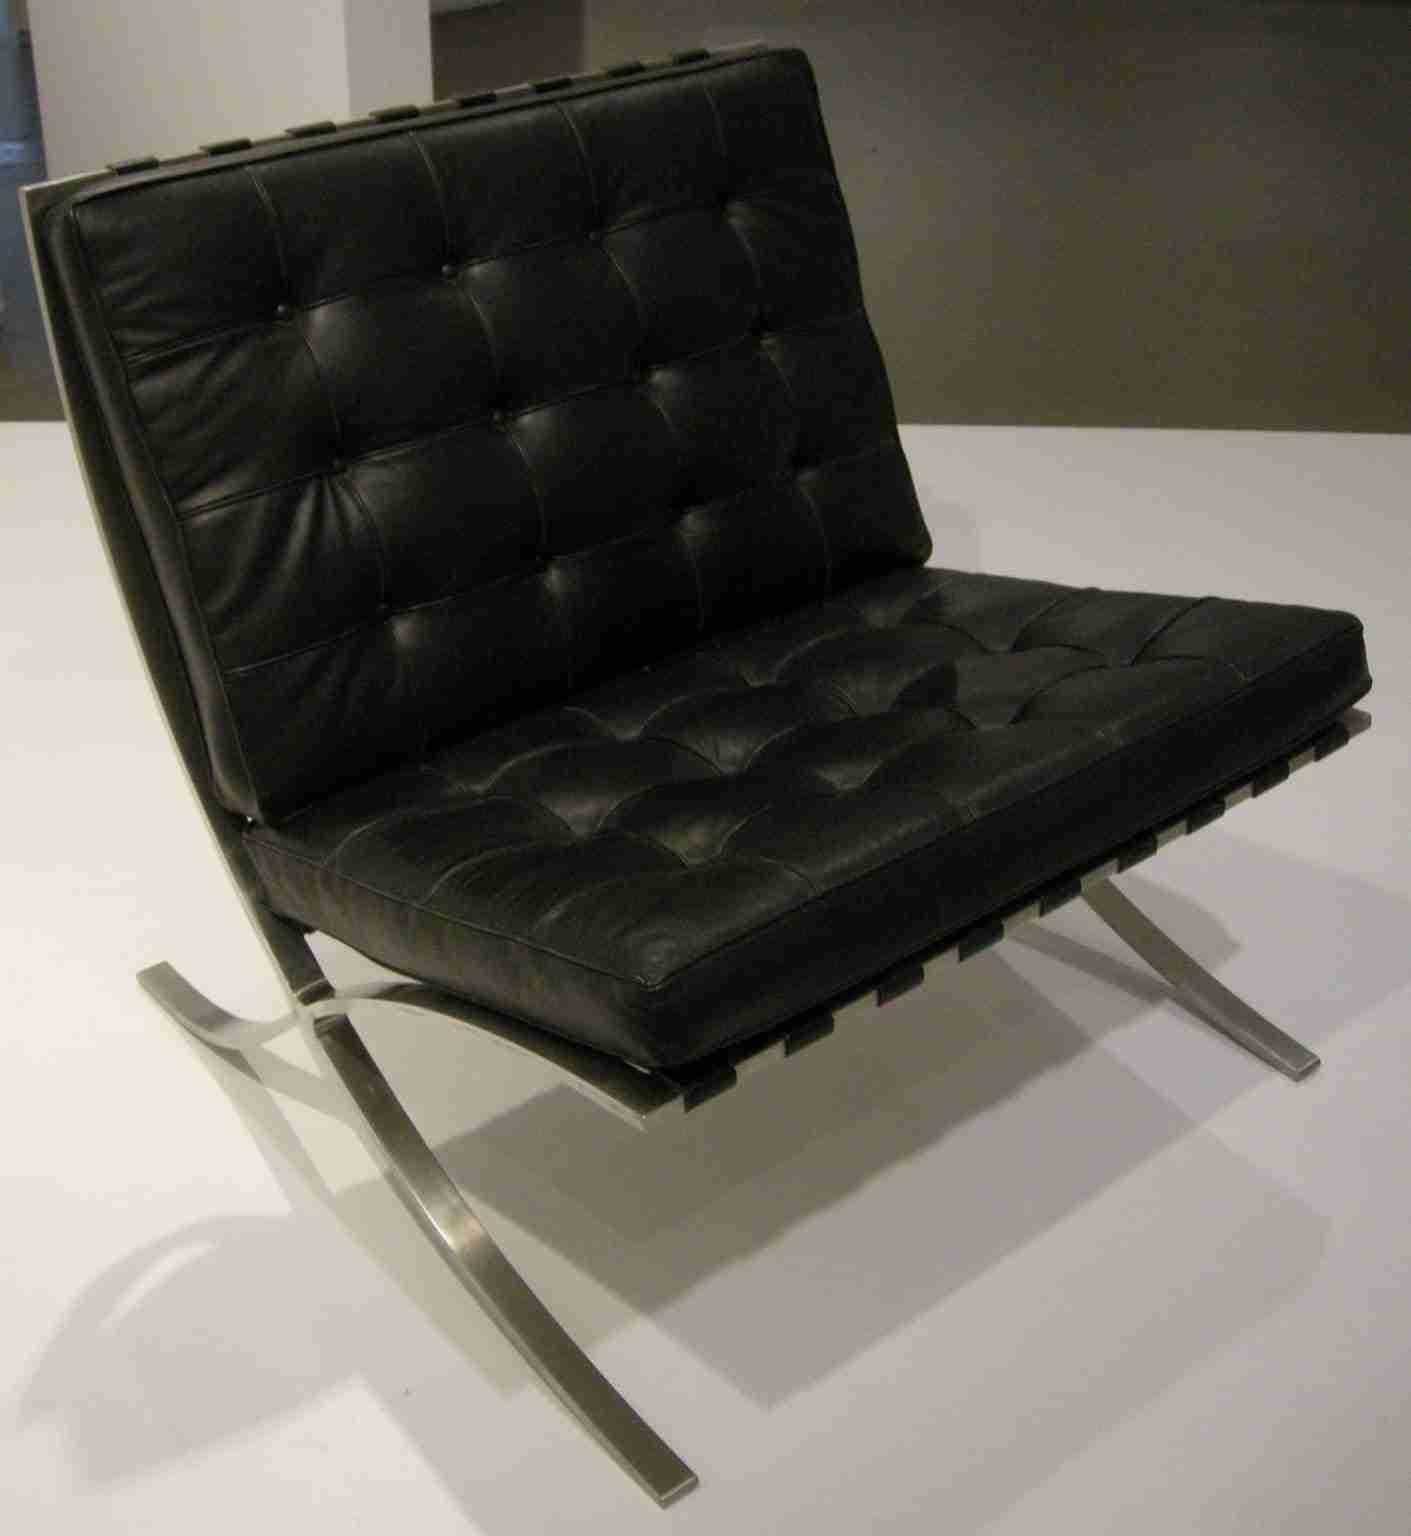 Mueble transformer: crea tu propia versión 12